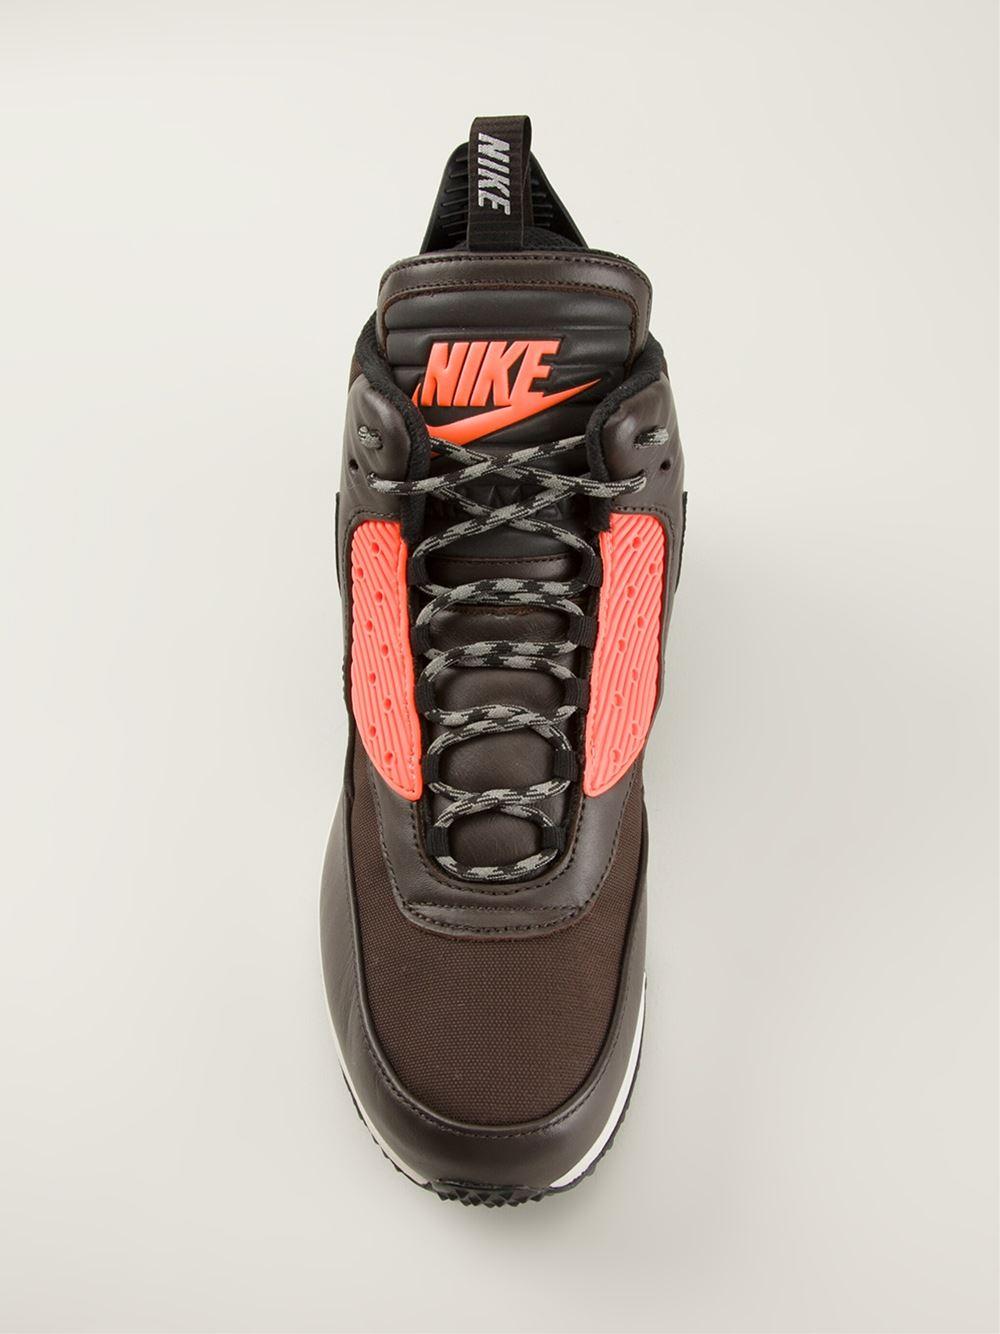 New Nike Air Max 90 Sneakerboot Winter Suede Bronze Brown